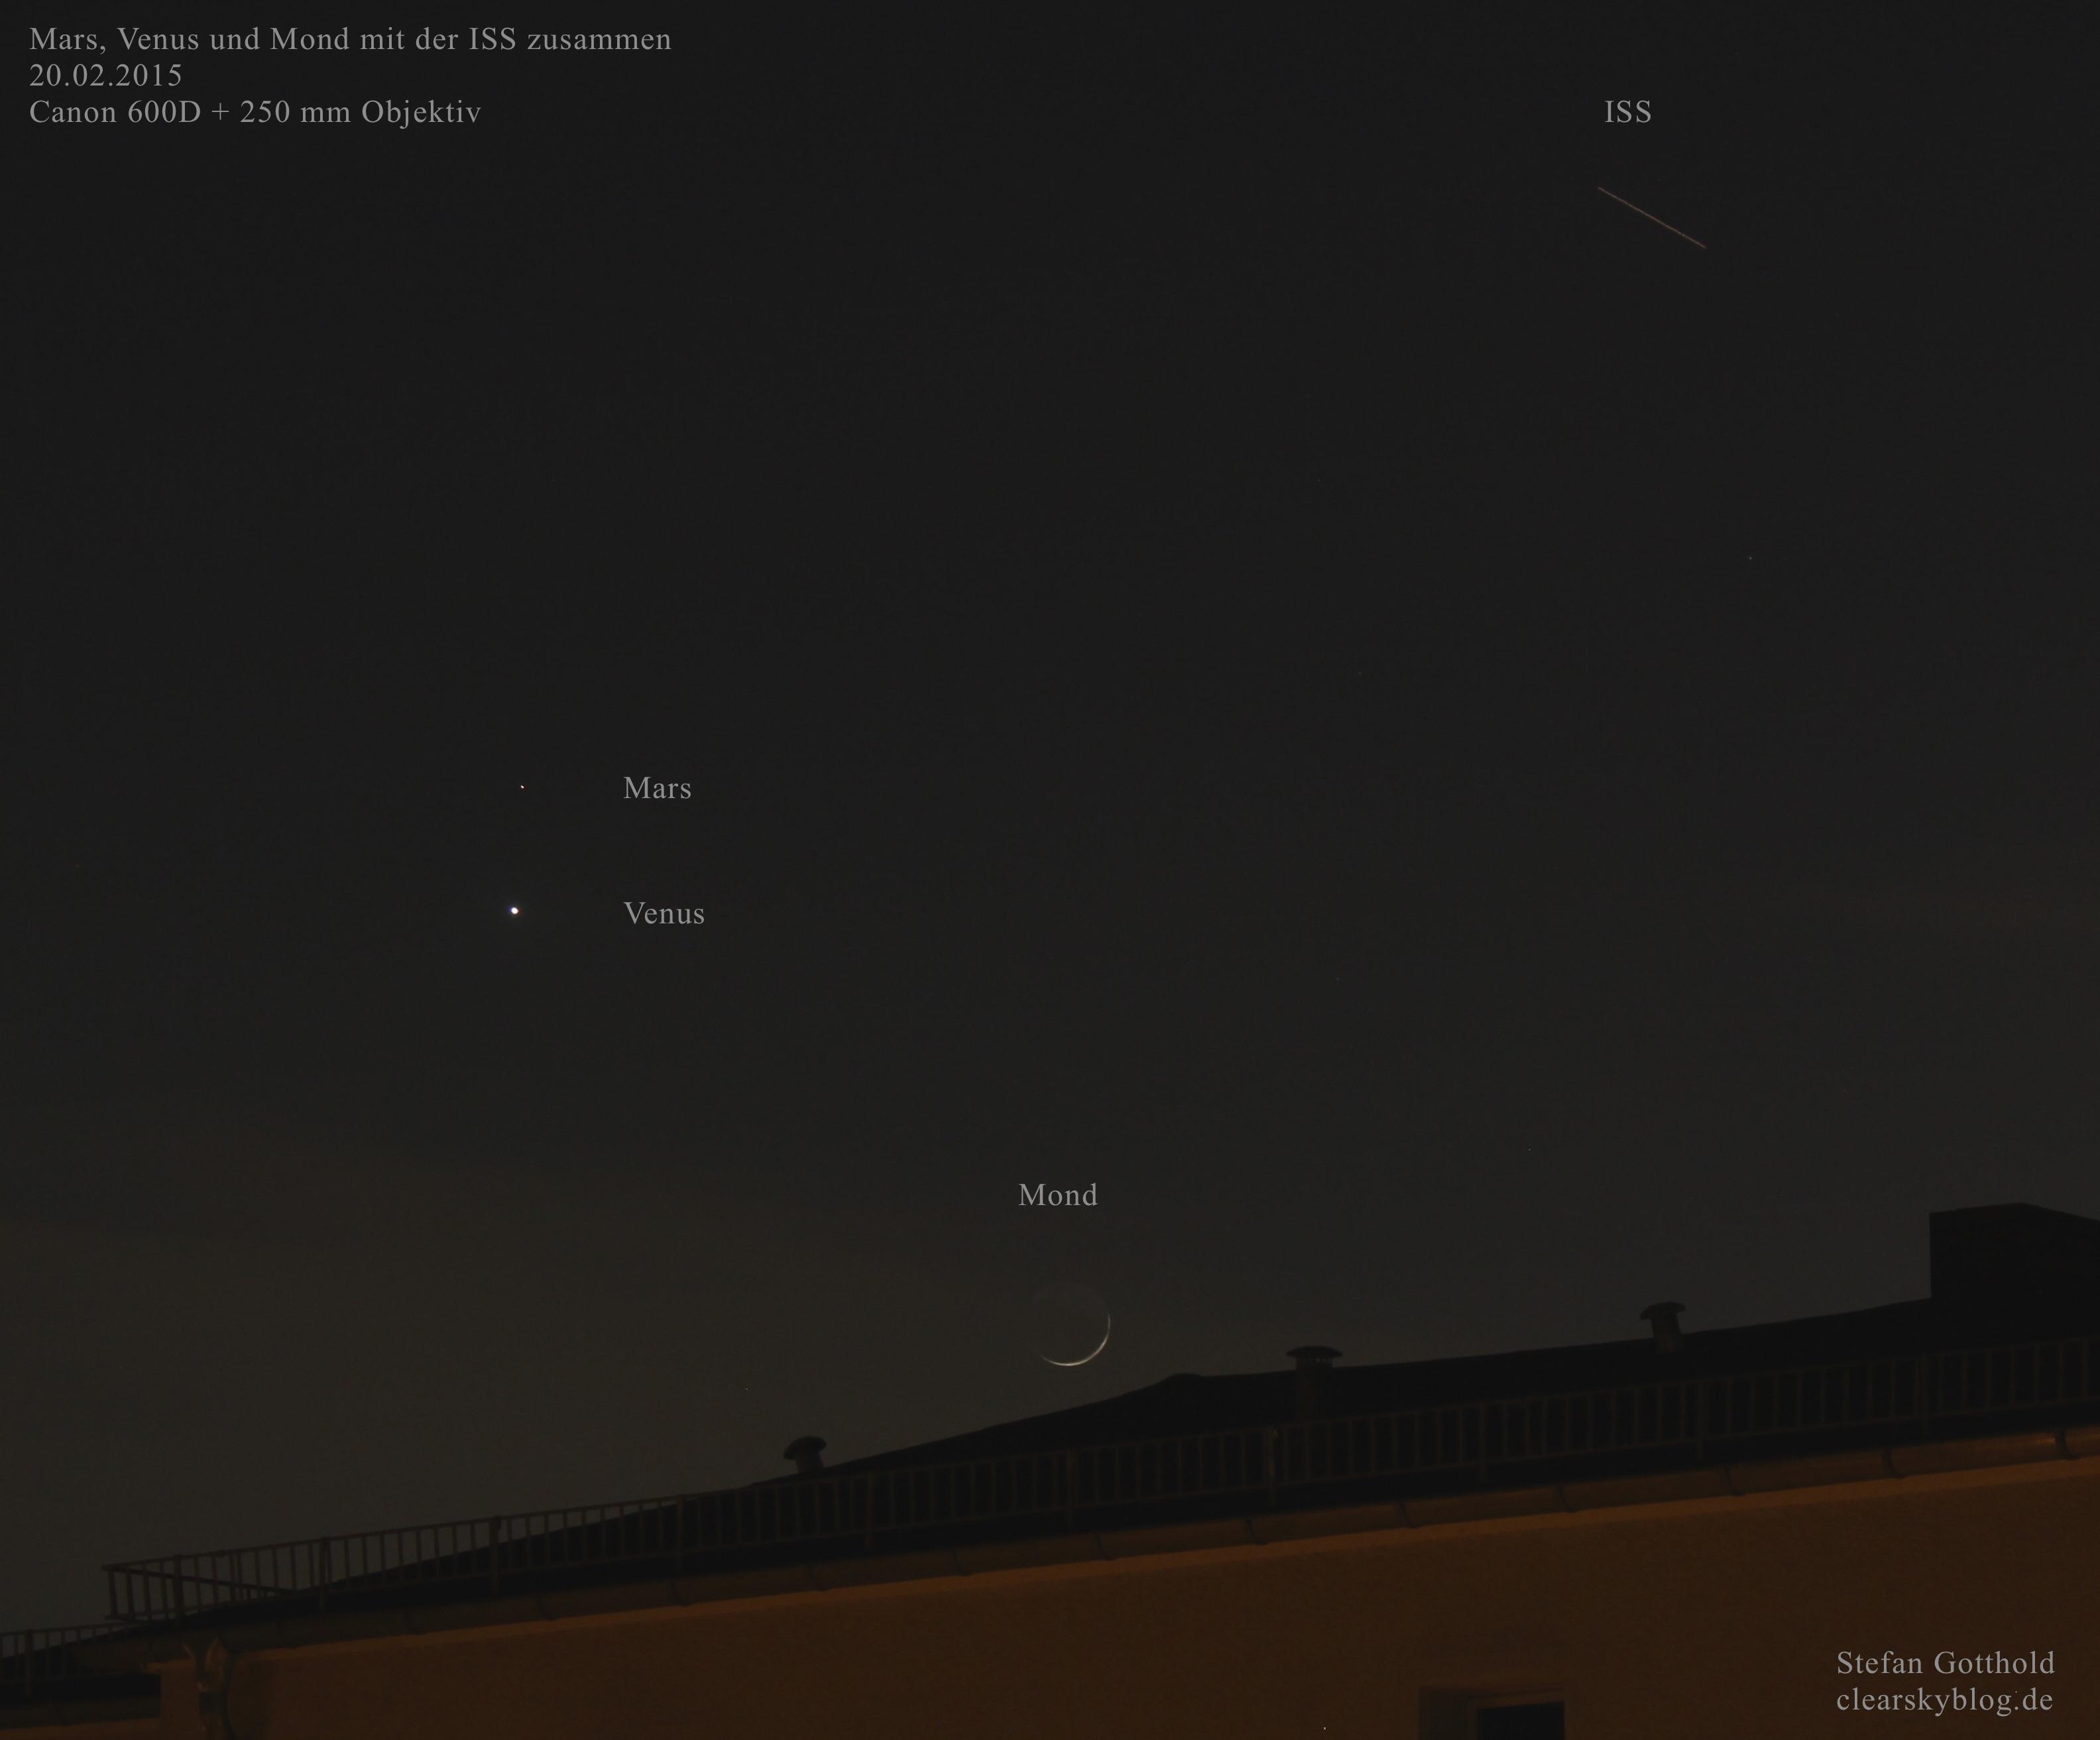 Mars Venus Mond Und Iss An Einem Abend Und Auf Einem Bild Clear